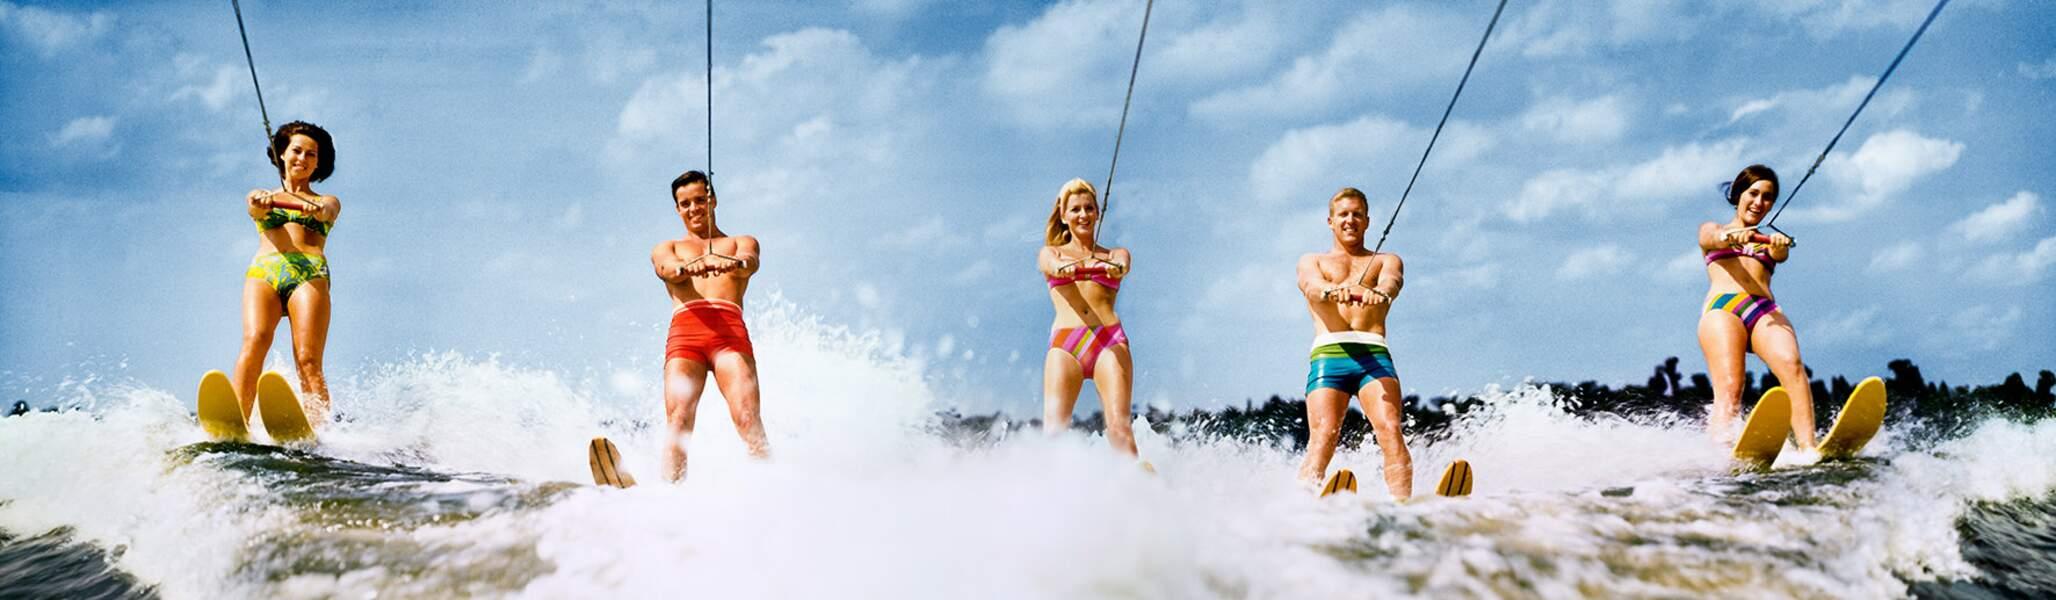 Water Skiers, n.d